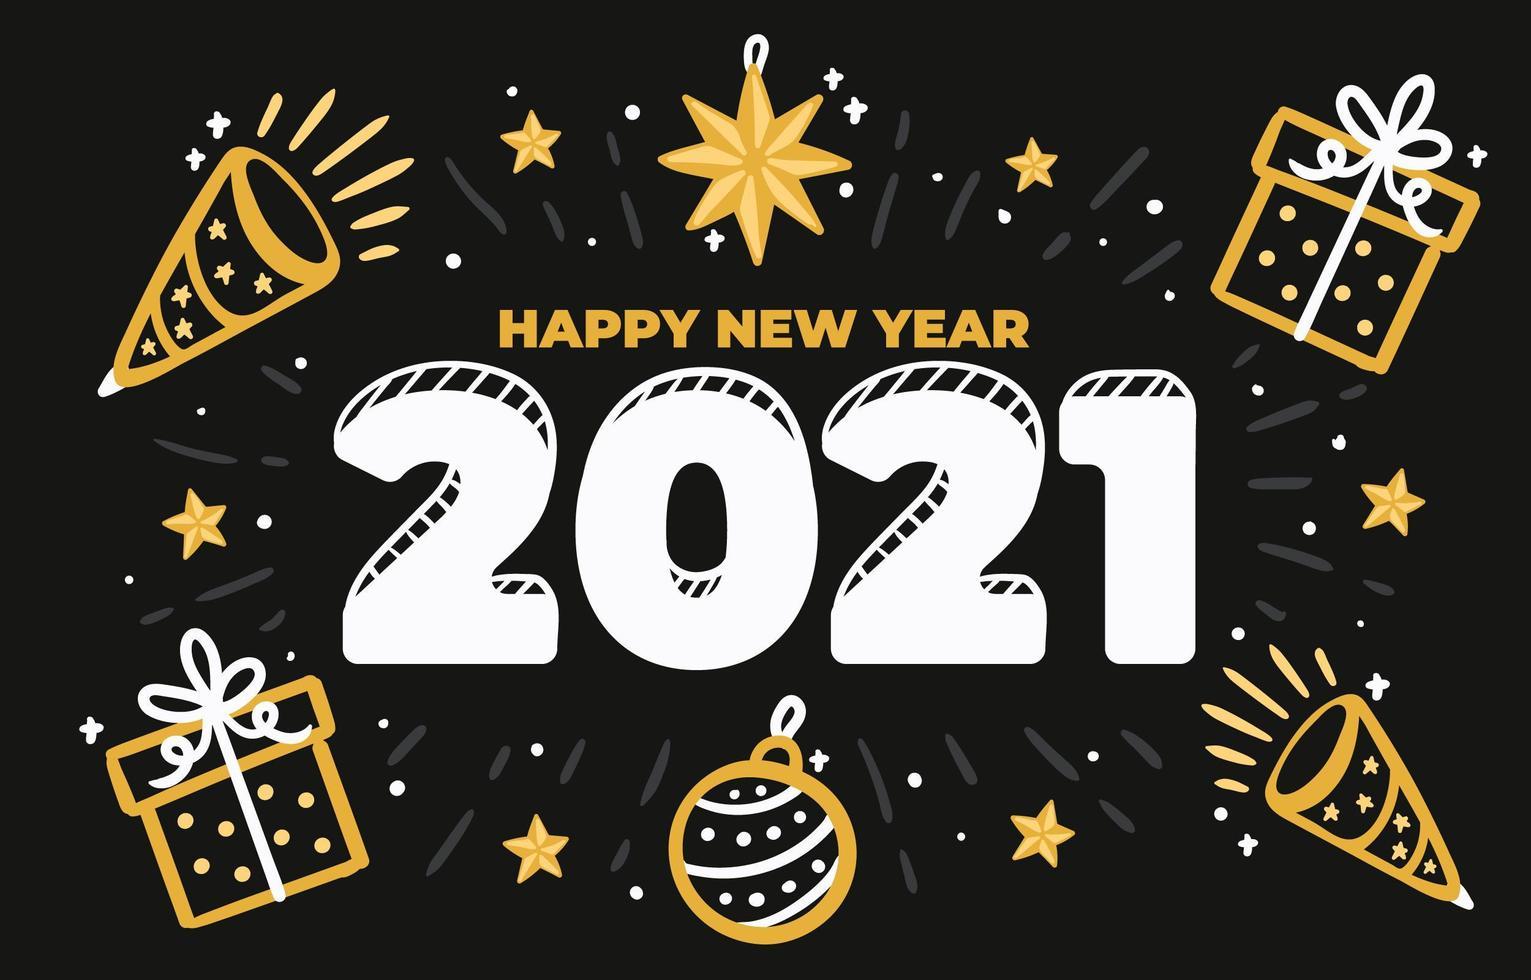 New Year 2021 Sticker